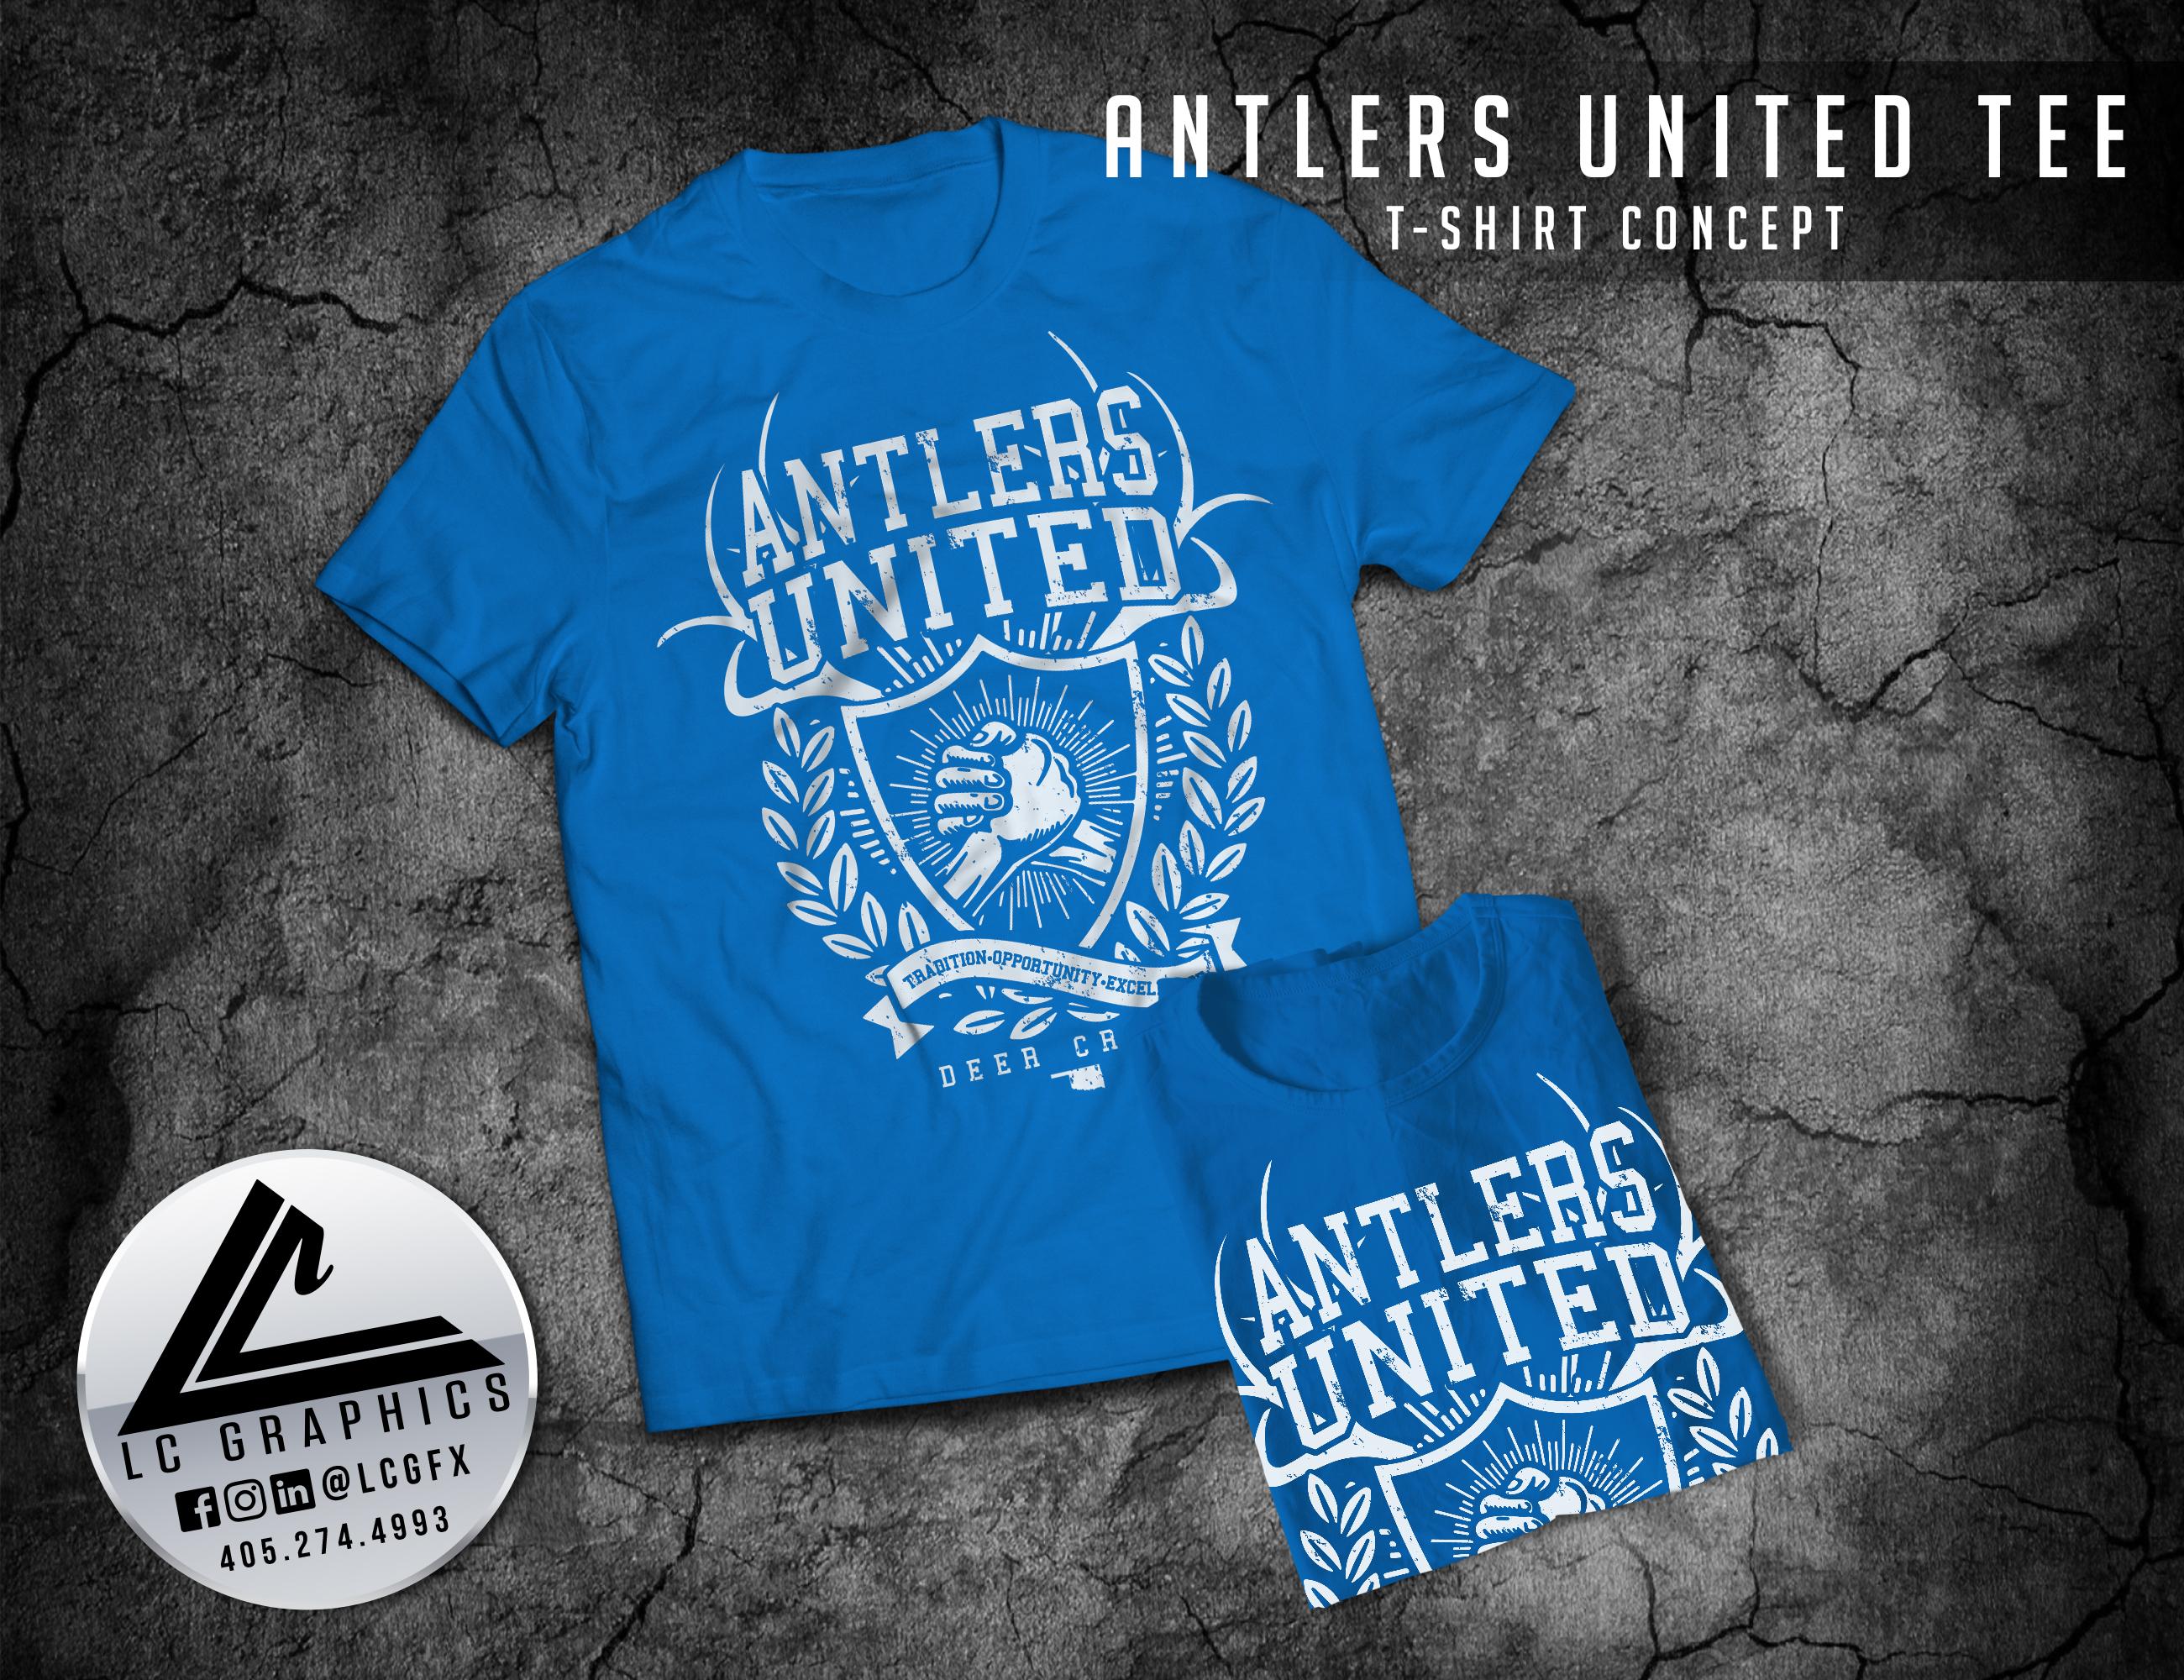 Antlers United Tee